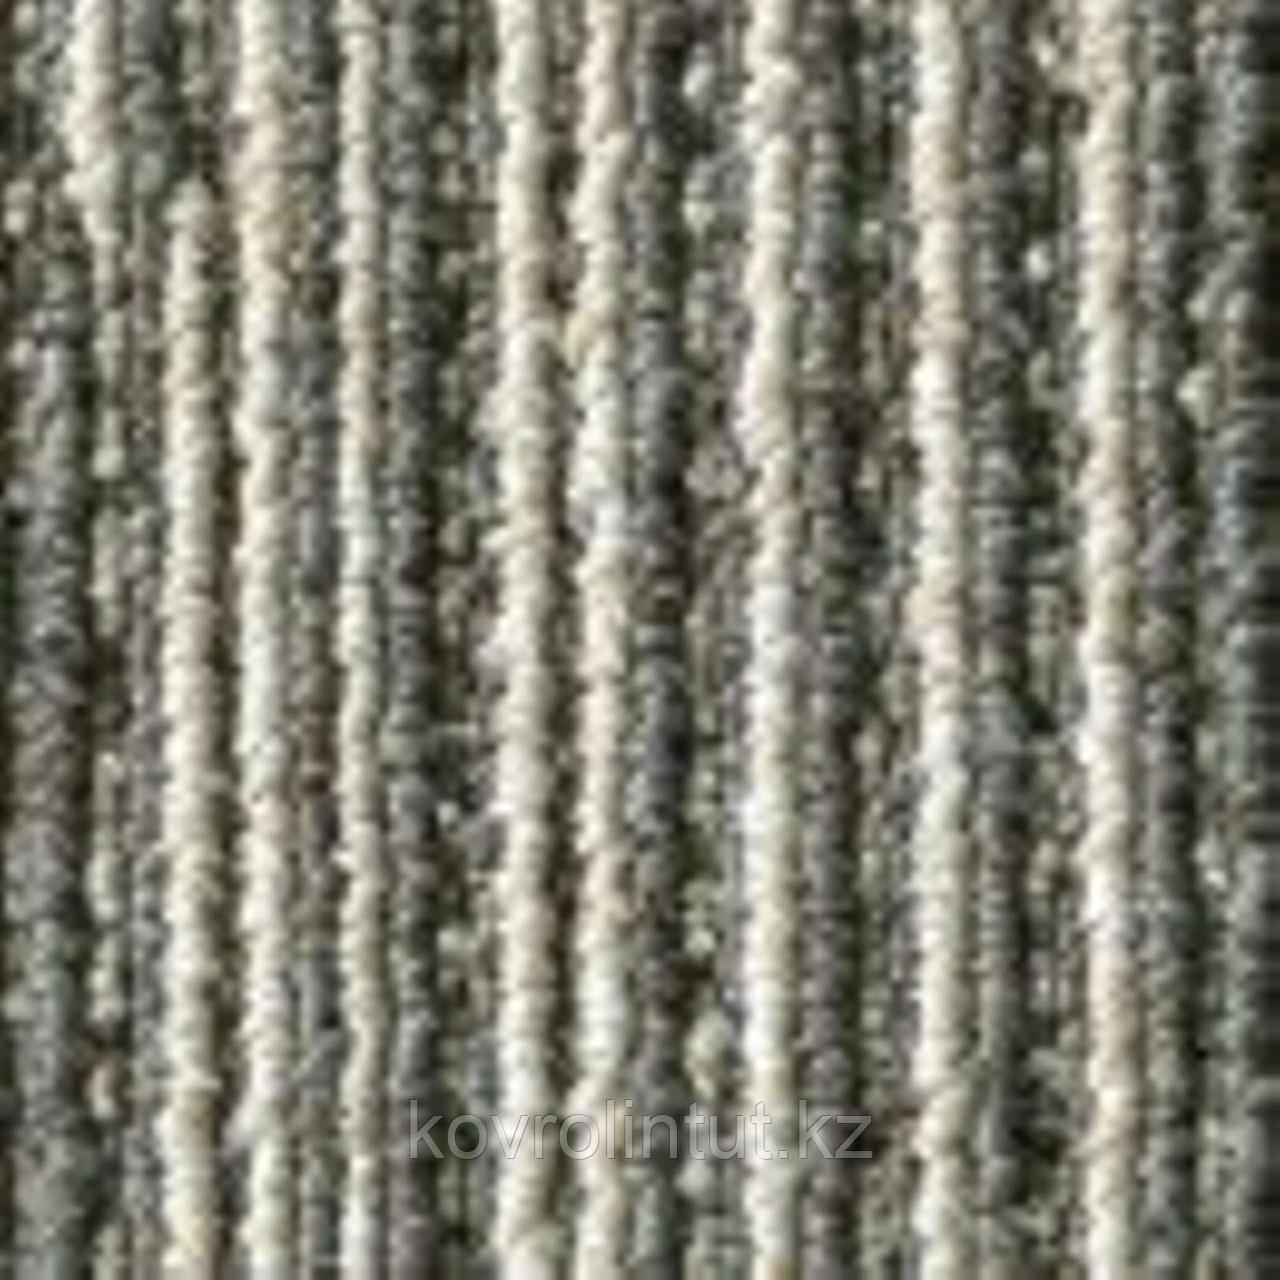 Плитка ковровая Сondor, Graphic Ambition 70, 50х50, 5м2/уп